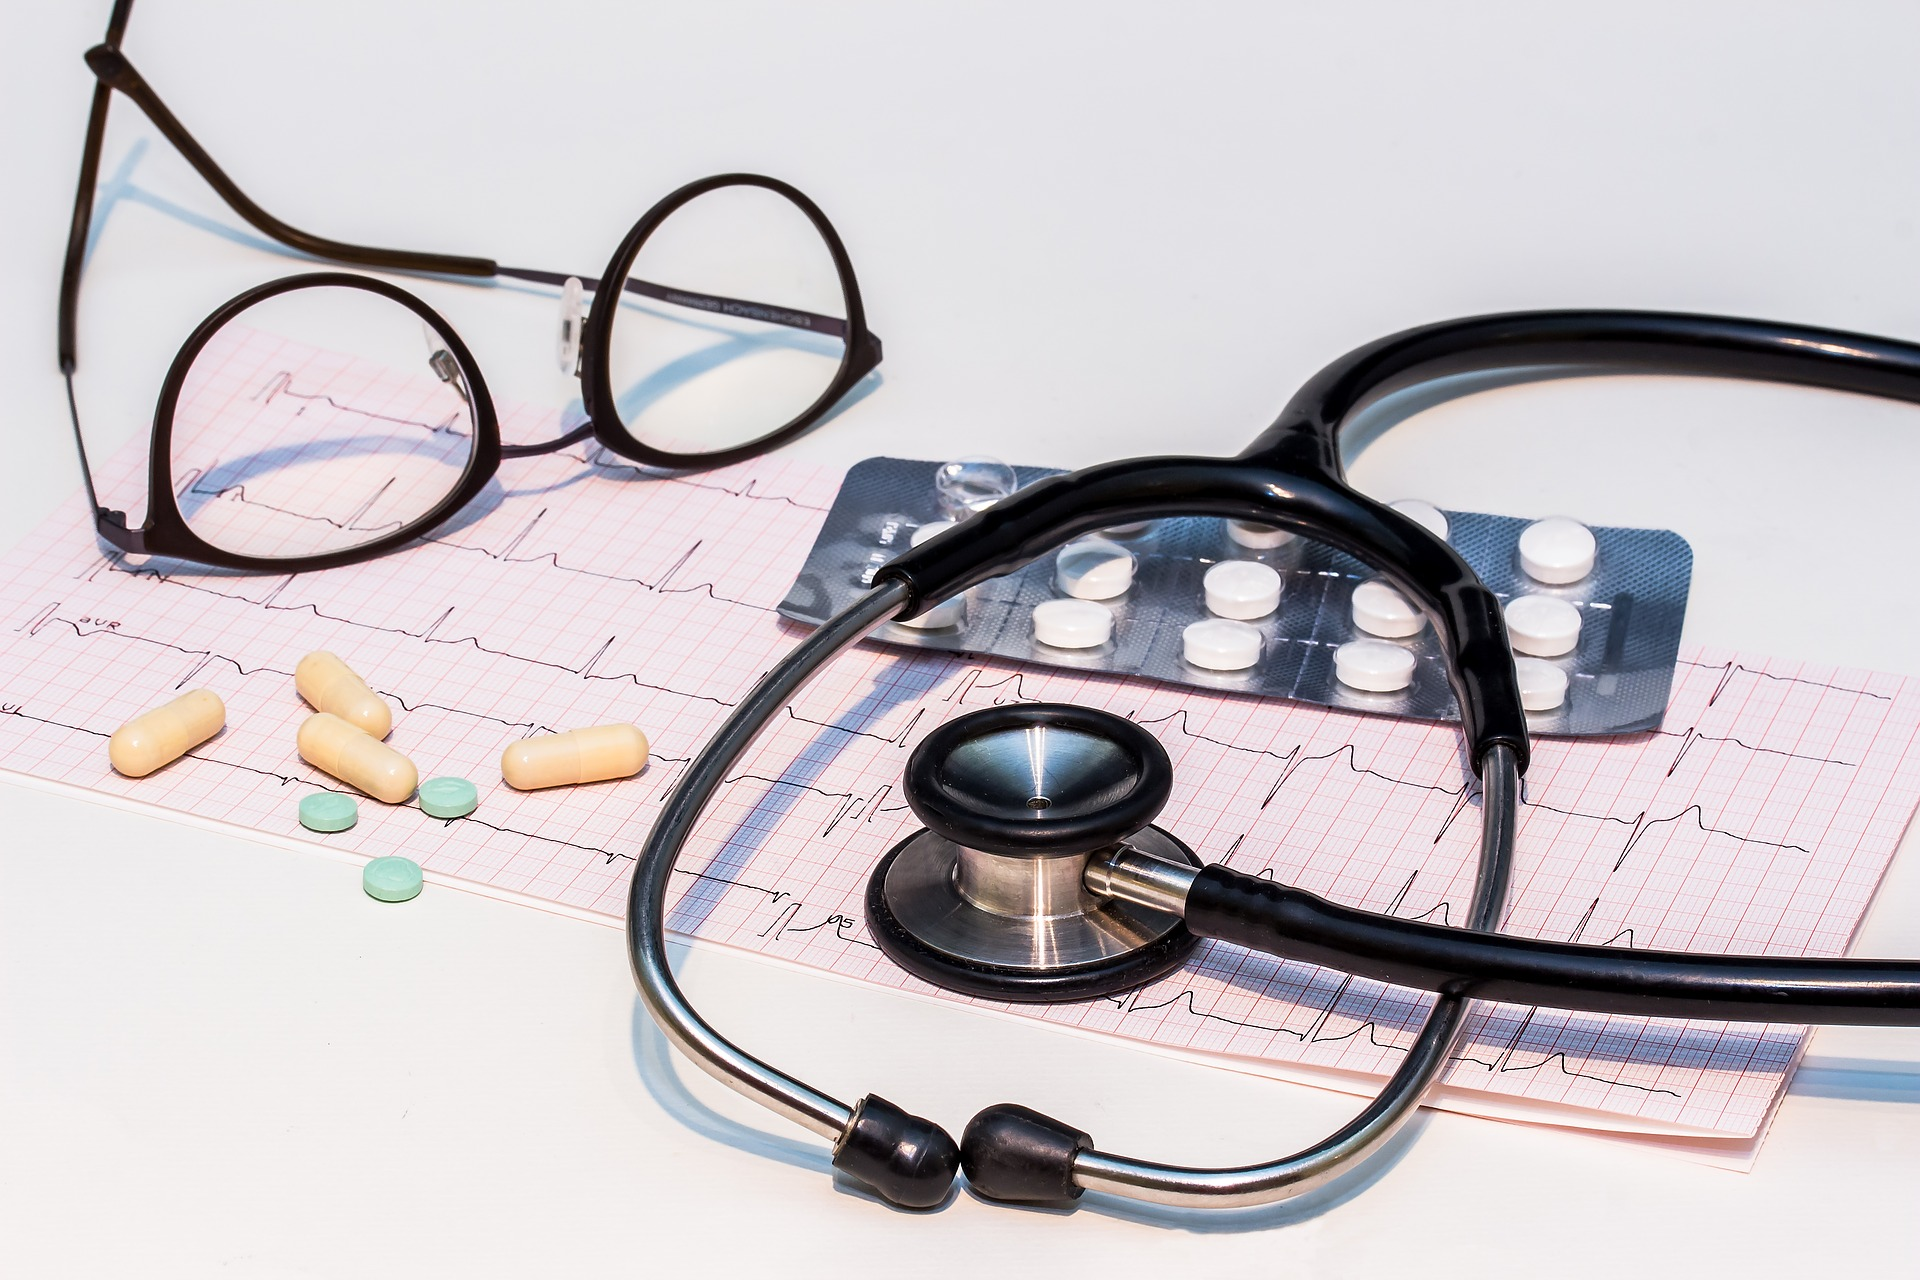 Image de couverture de: Cardiologie : 3 cas où proposer la téléconsultation à vos patients